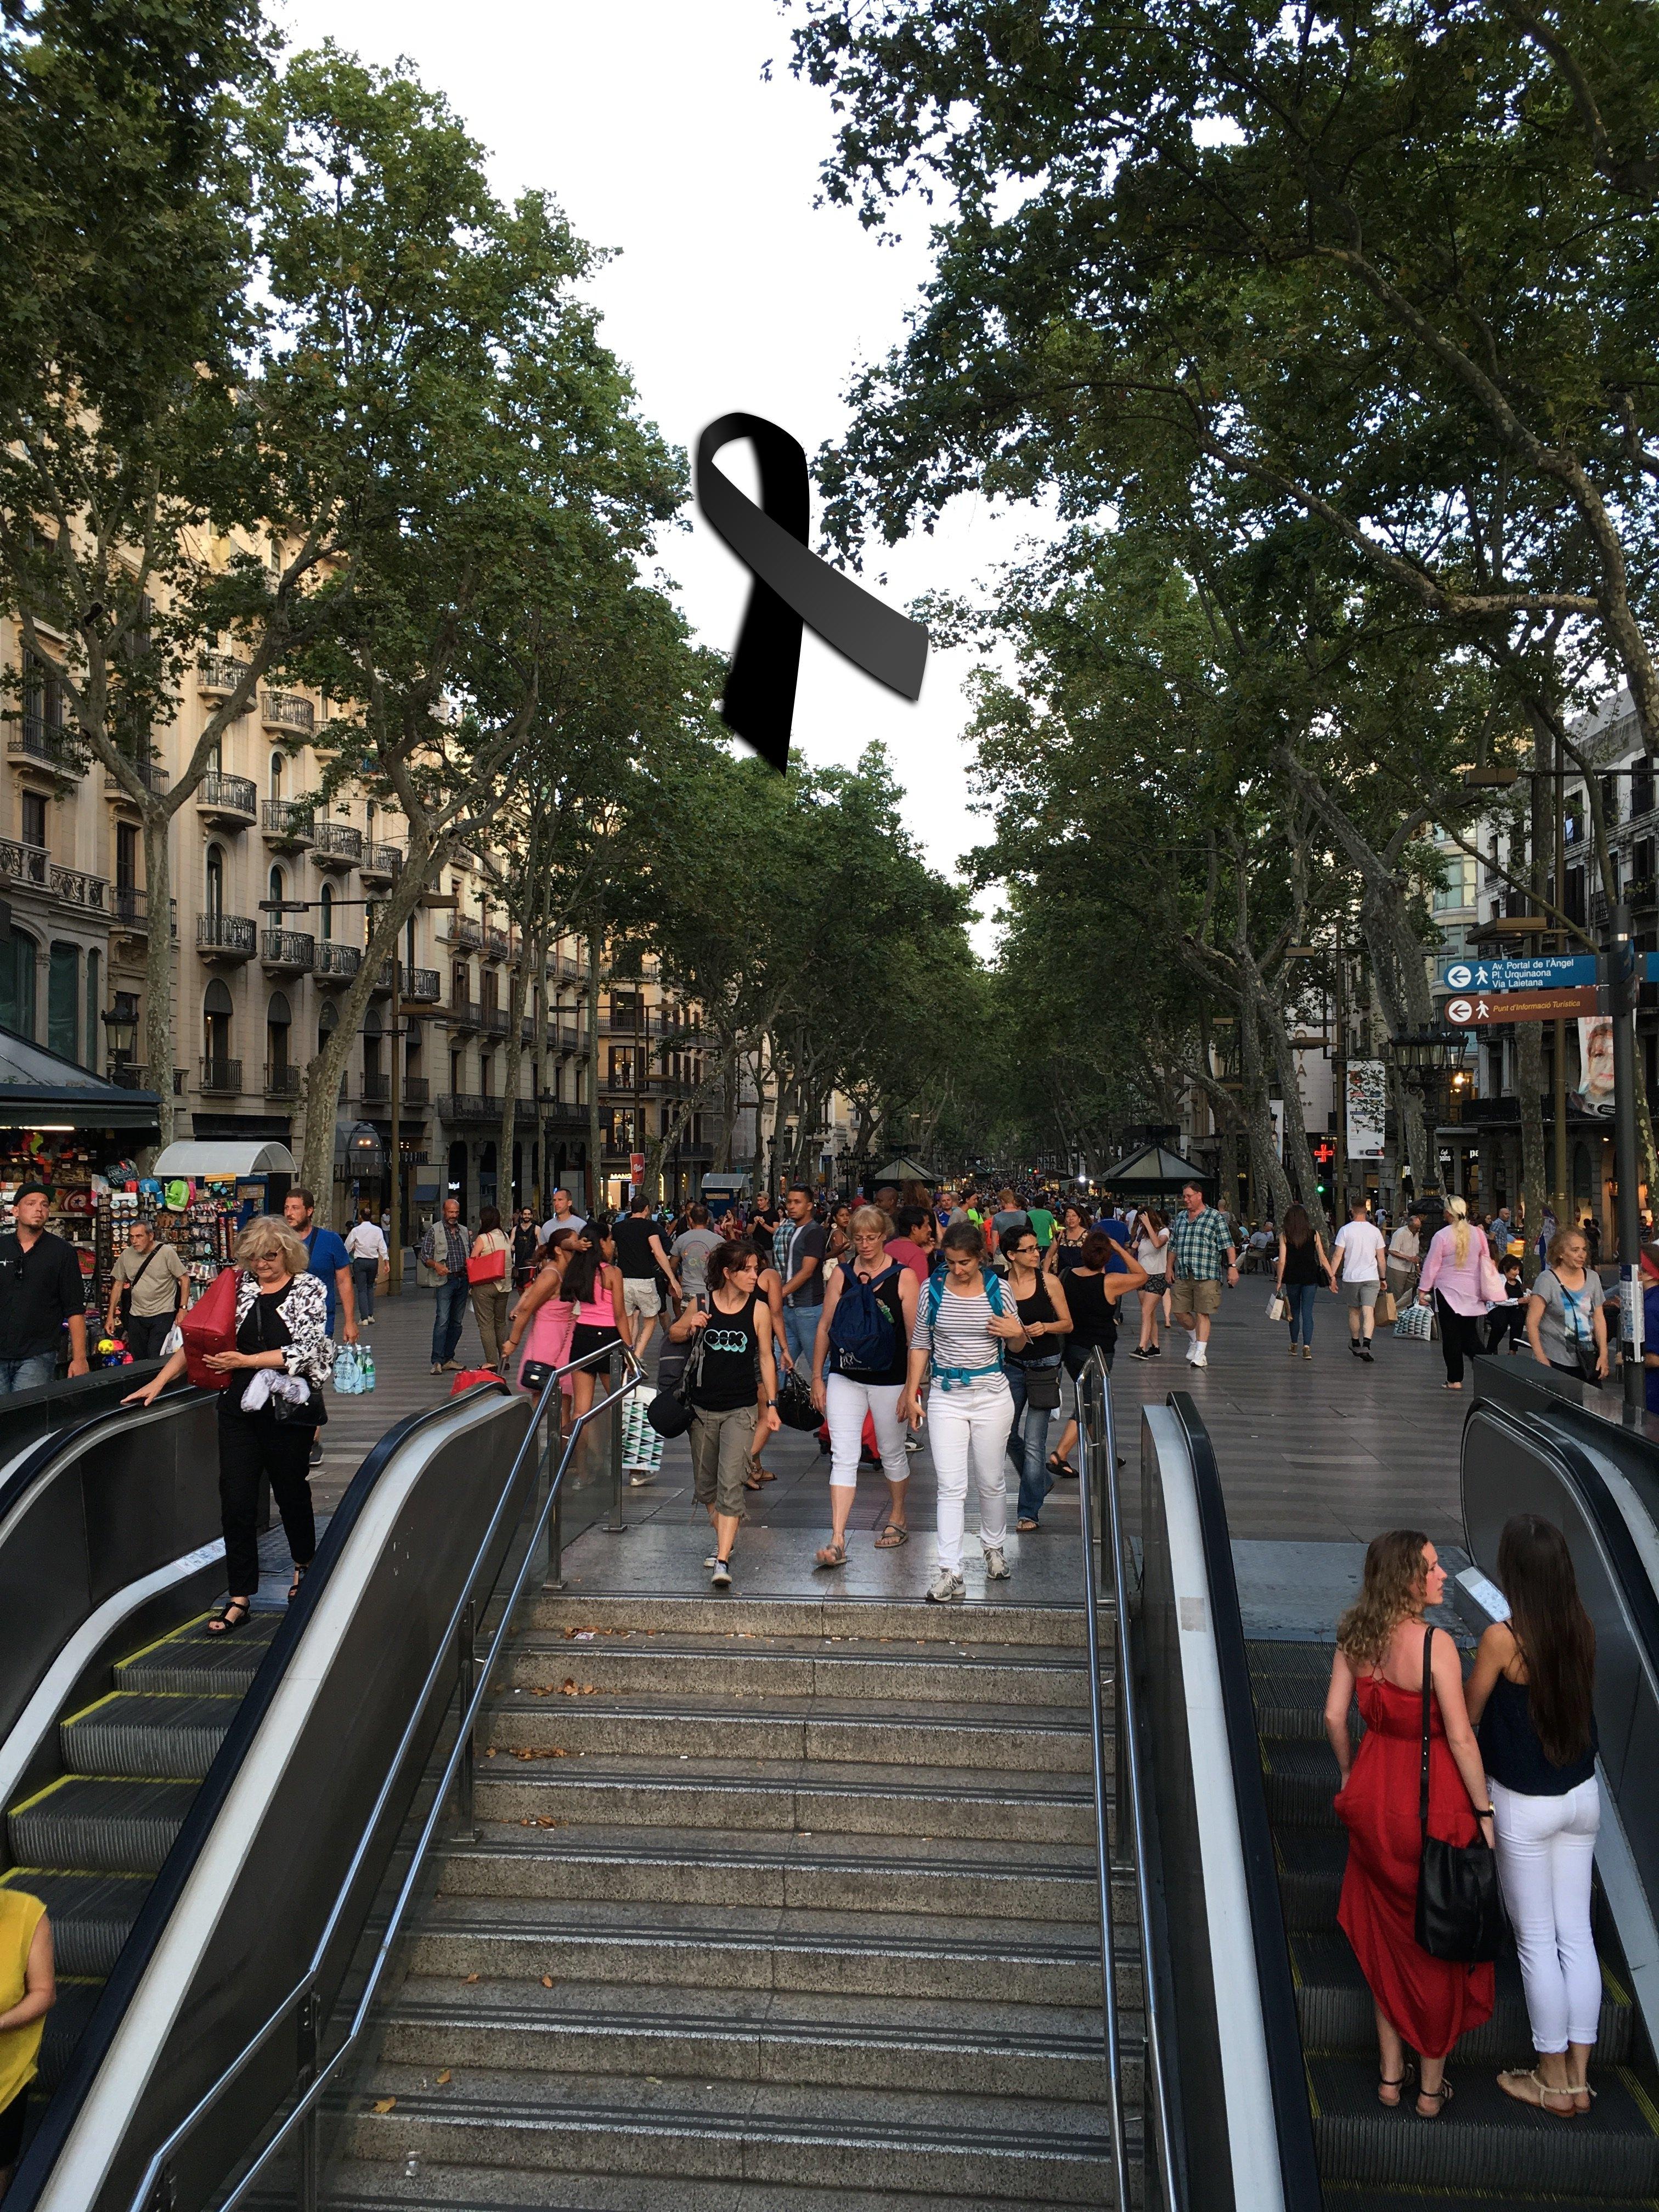 Toda nuestra solidaridad y #respeto con las víctimas y los familiares del atentado mediante atropello en Las #Ramblas de #Barcelona.